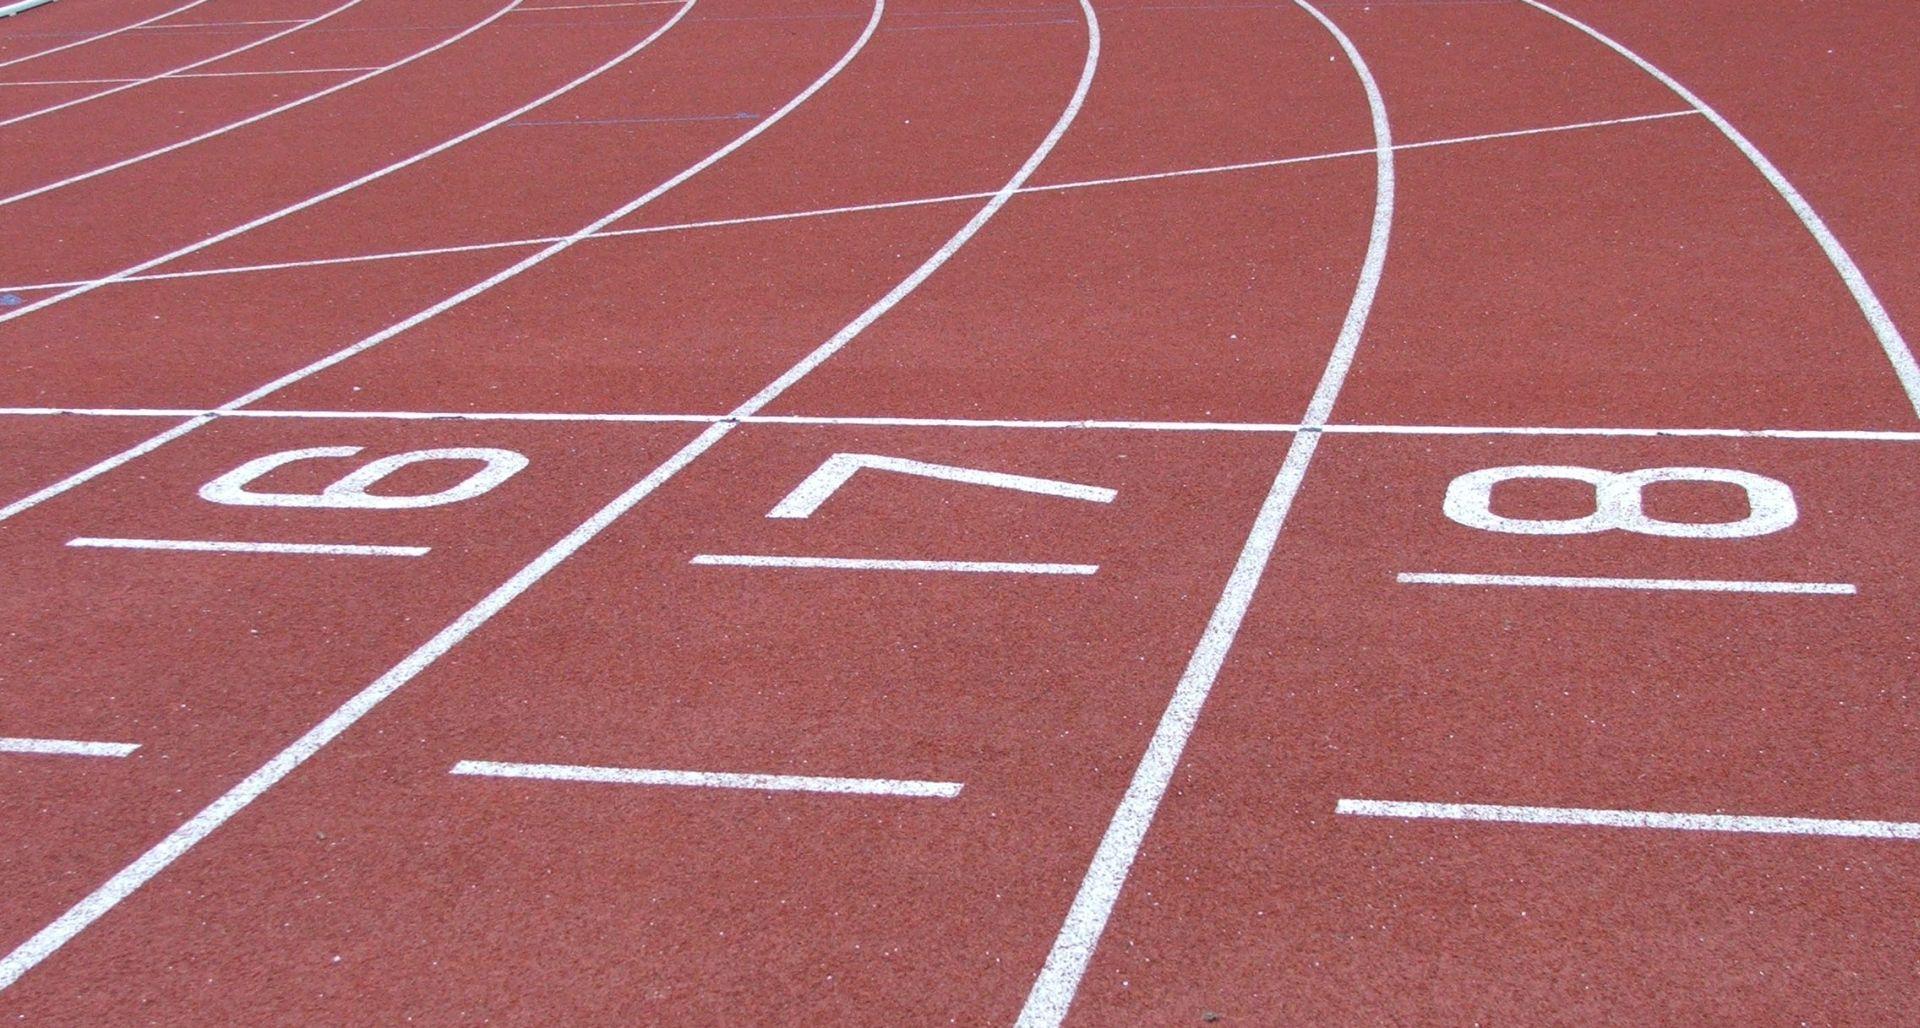 PRIKRIVANJE REZULTATA DOPING TESTOVA Bivši predsjednik IAAF-a optužen zbog korpucije